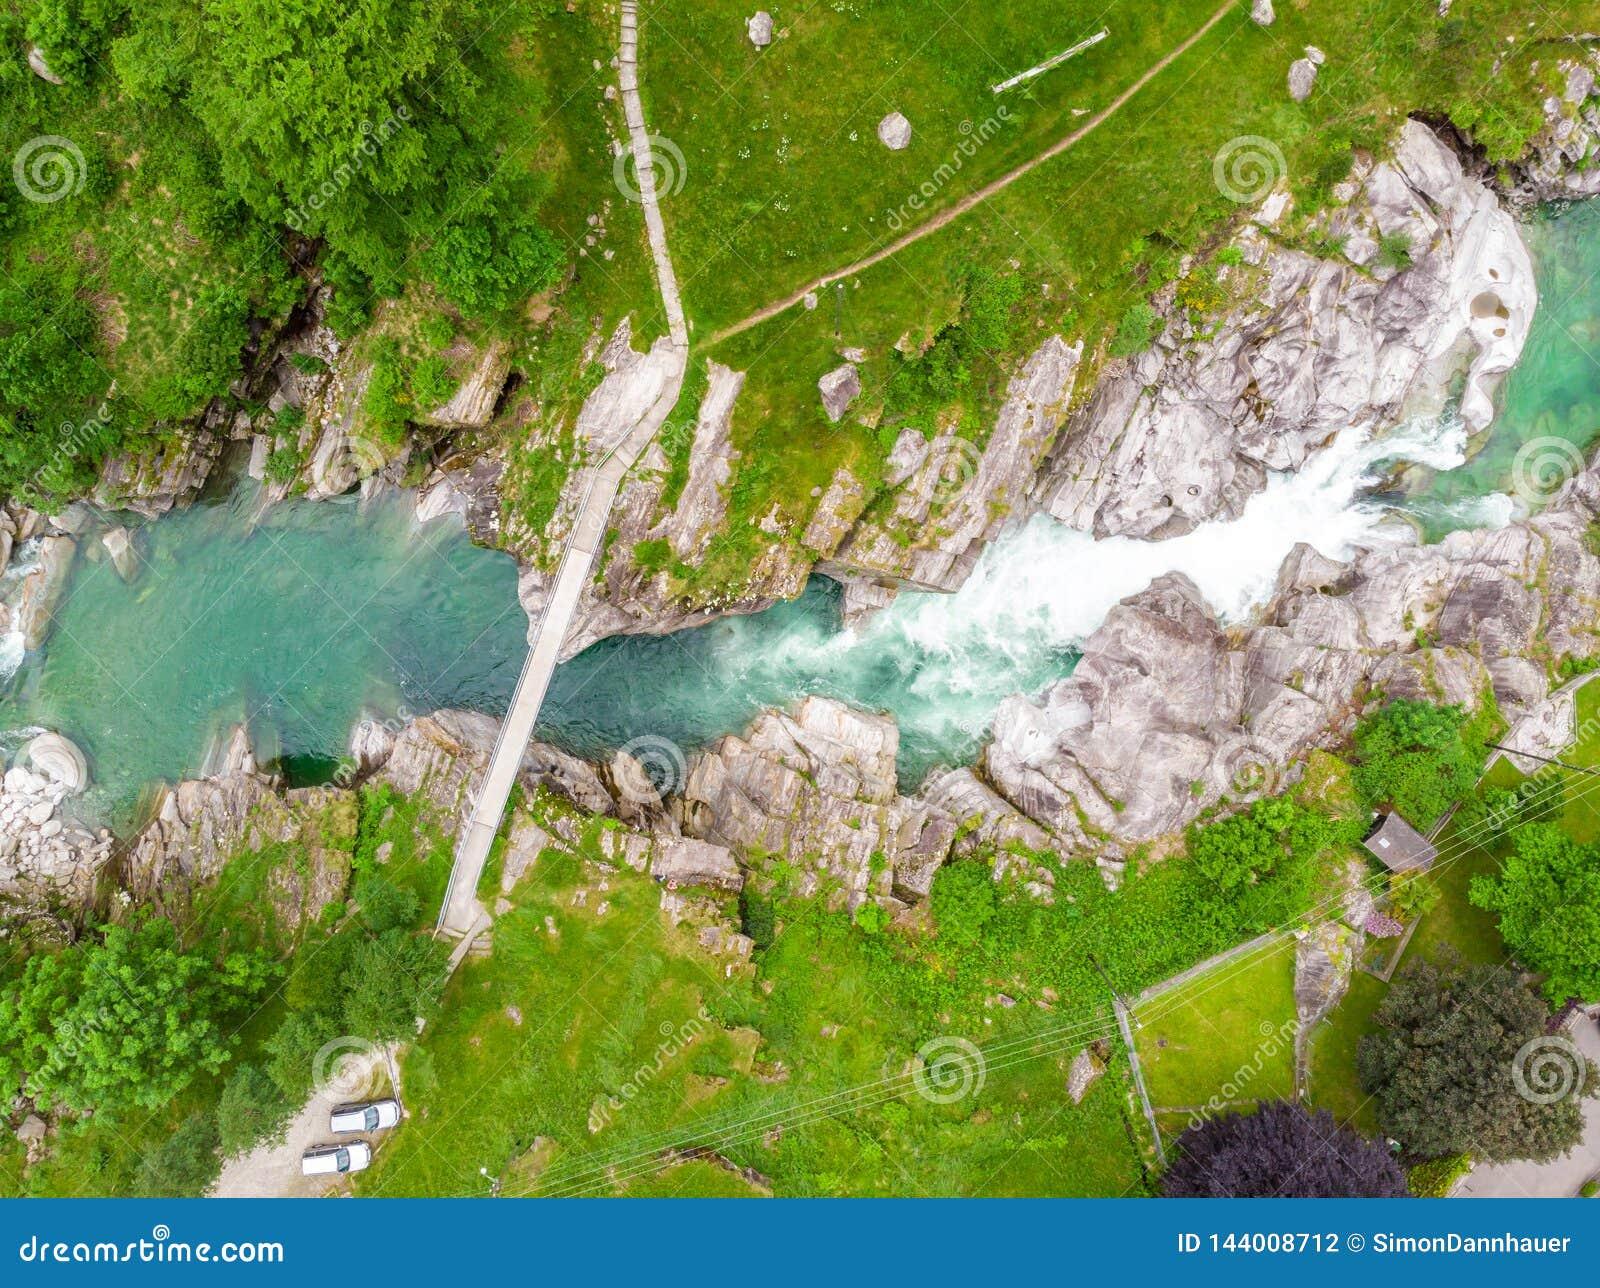 Valle Verzasca - Vogelperspektive des Wasserstromes und -felsen des freien Raumes und des Türkises in Verzasca-Fluss in Tessin -